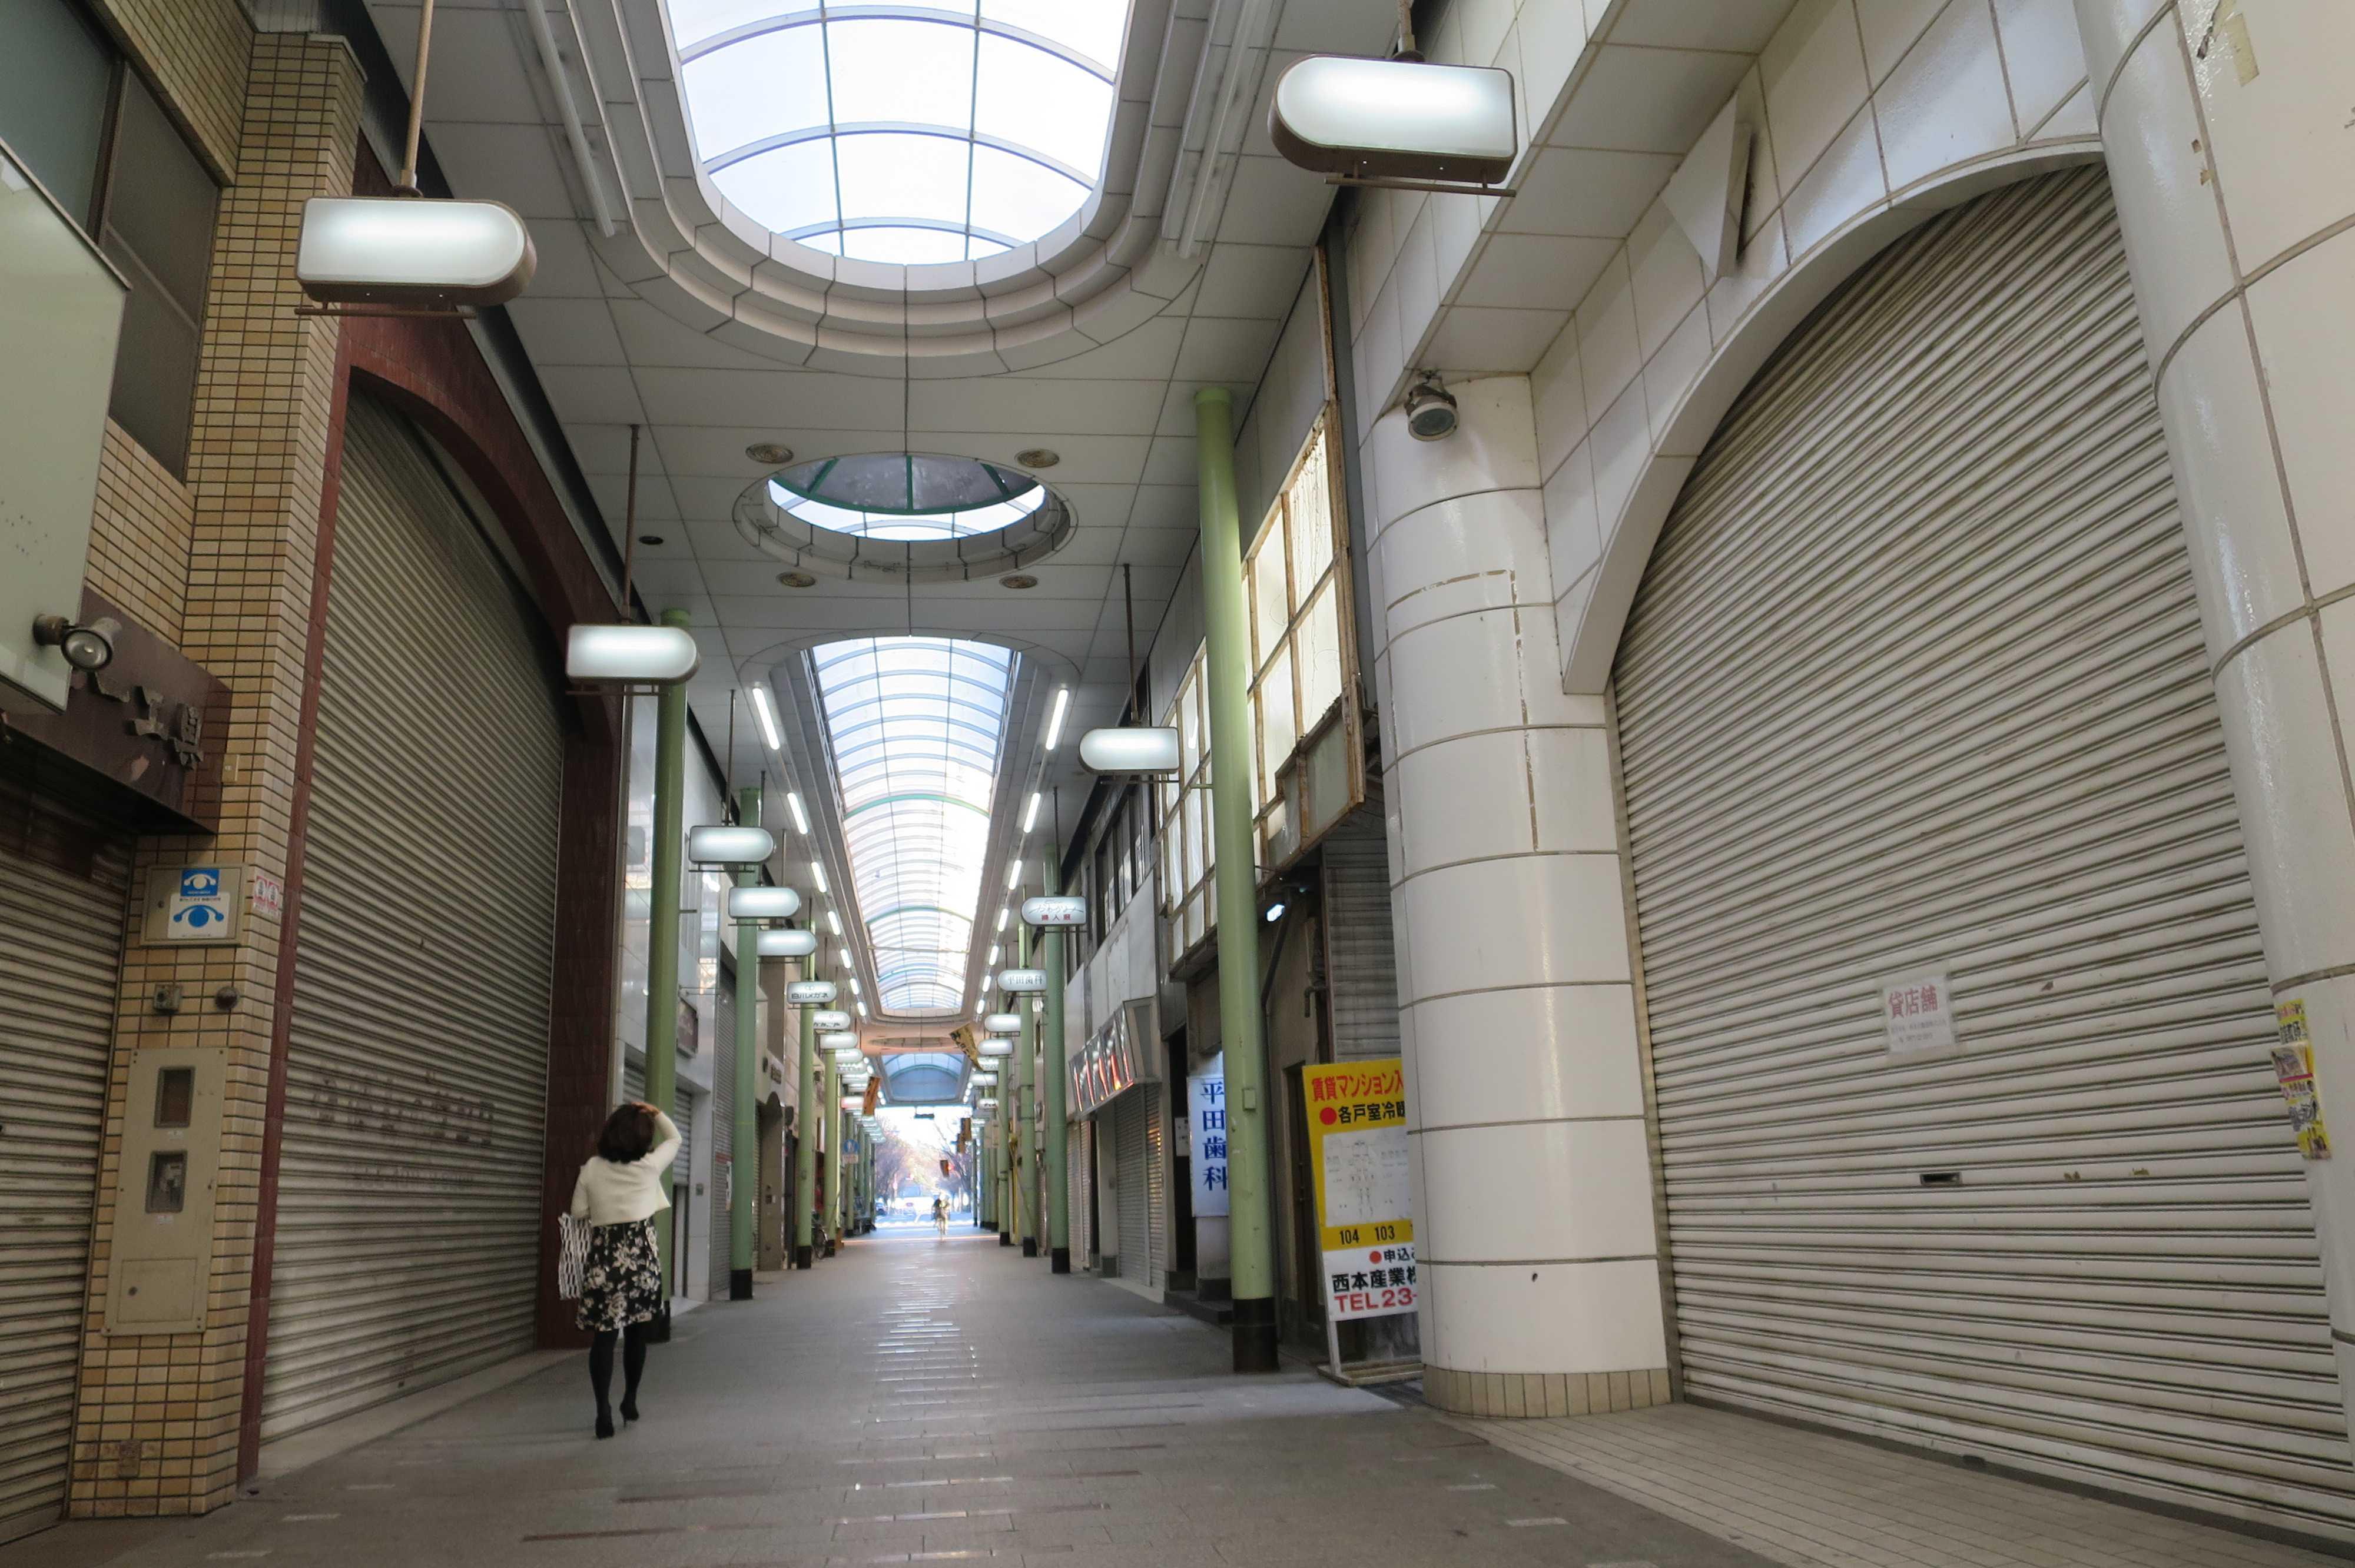 丸亀 - 通町商店街(シャッター街)